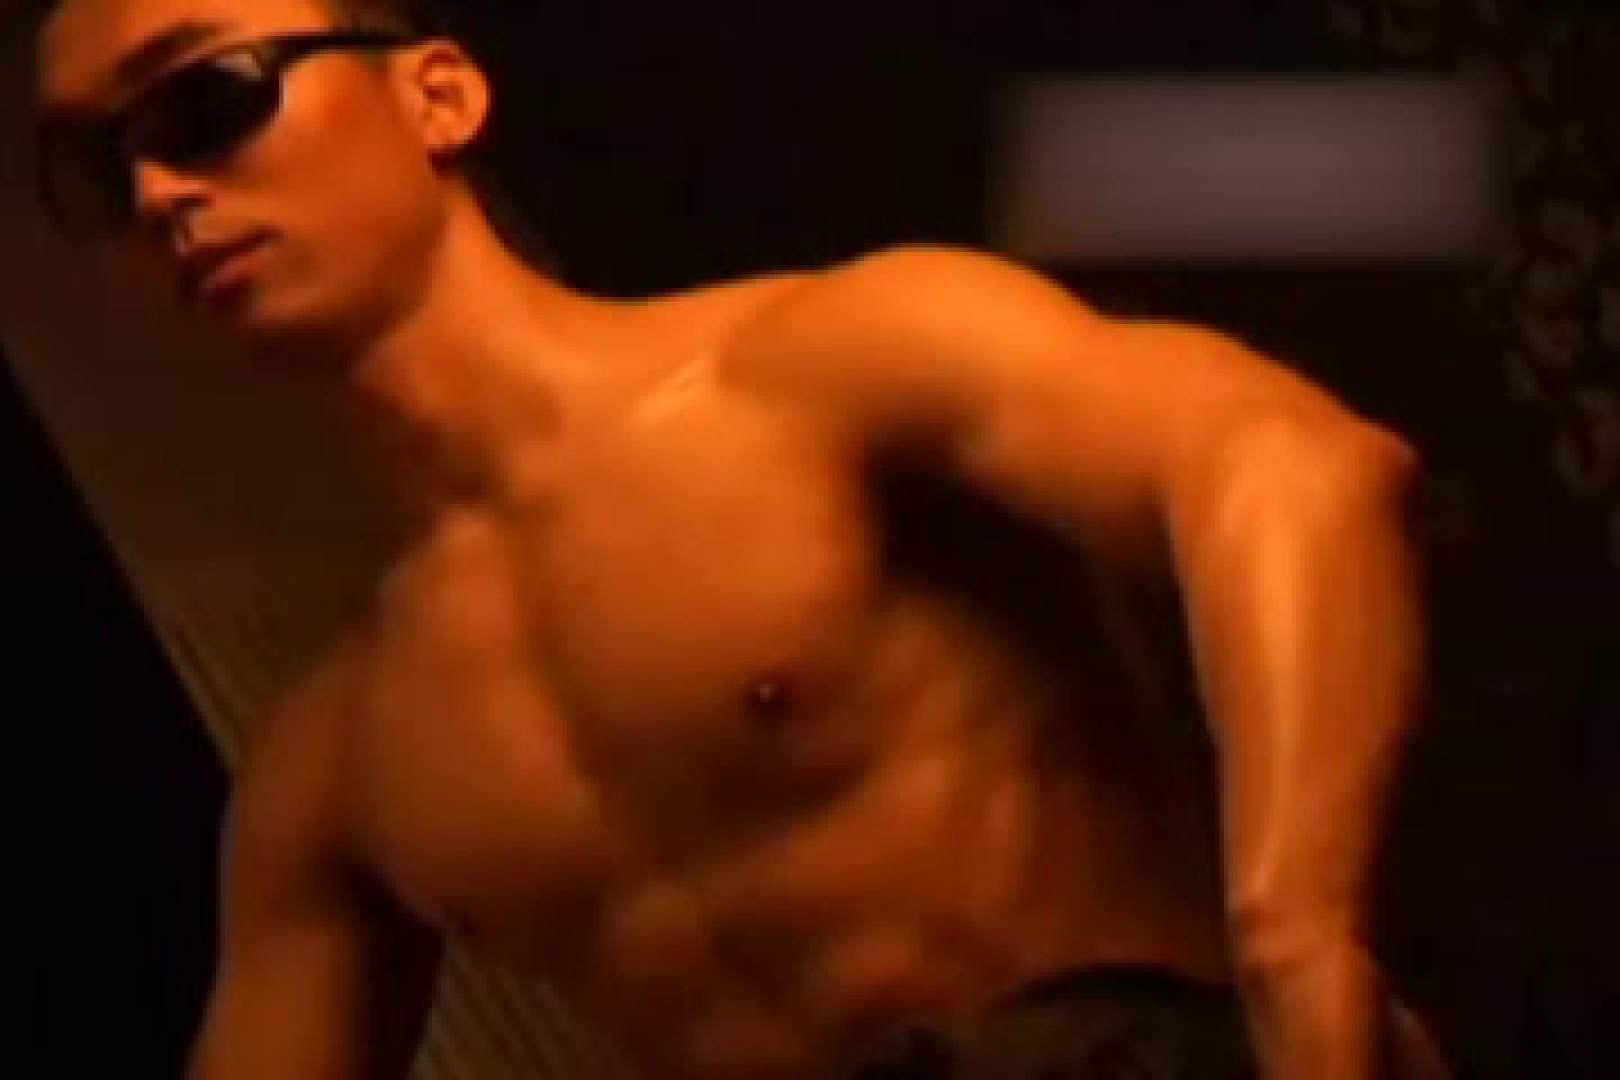 流出!!メンズスーパーモデル達のヌードinChina vol3 メンズモデル ゲイセックス画像 84画像 78